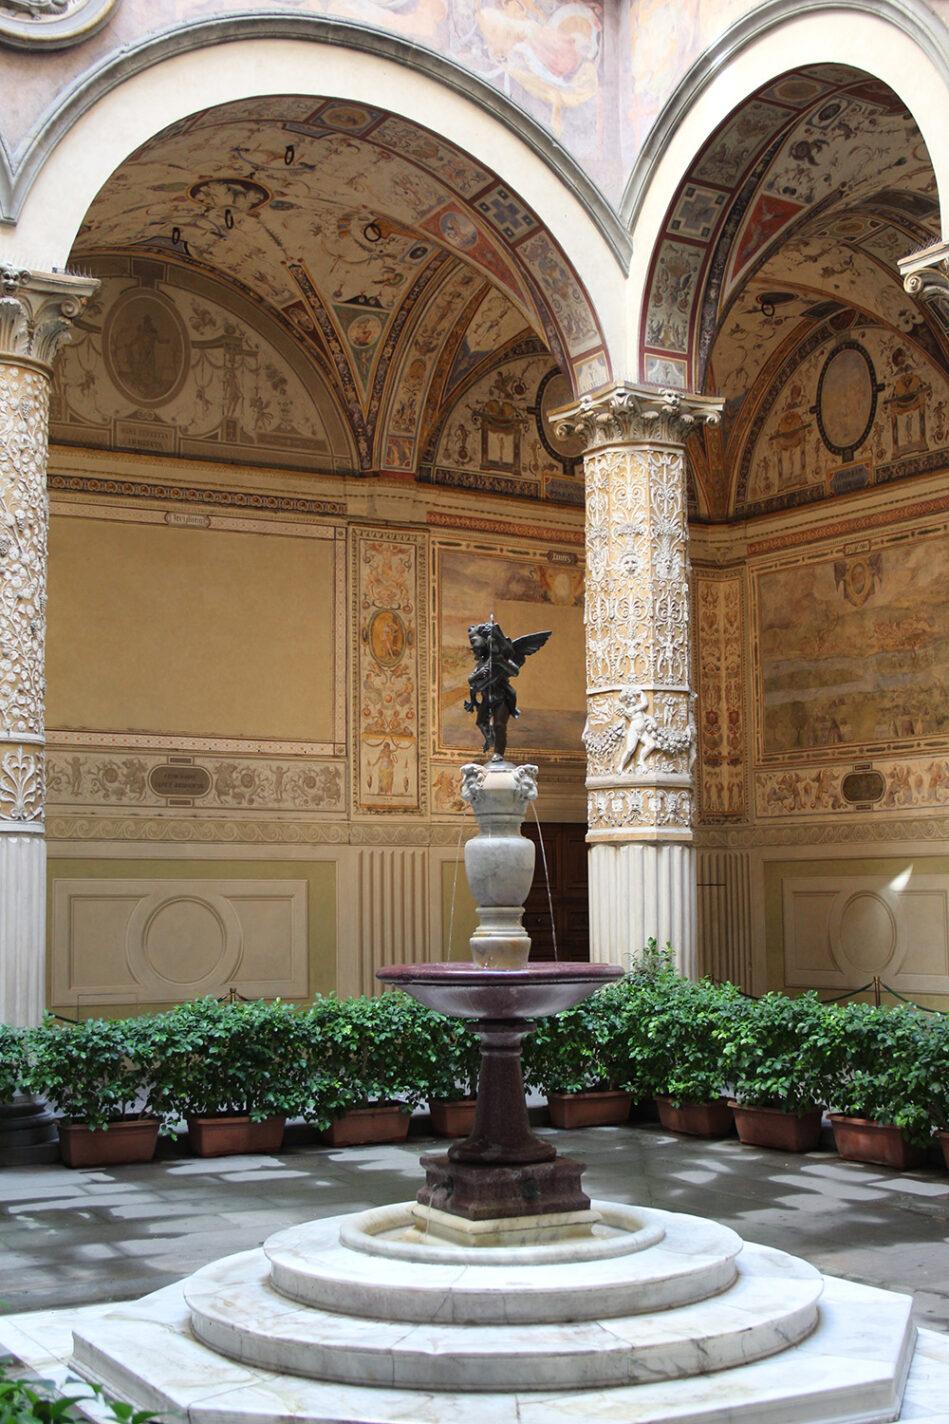 Niet de Neptunesfontein, maar een andere mooie mini fontein aan Piazza della Signoria